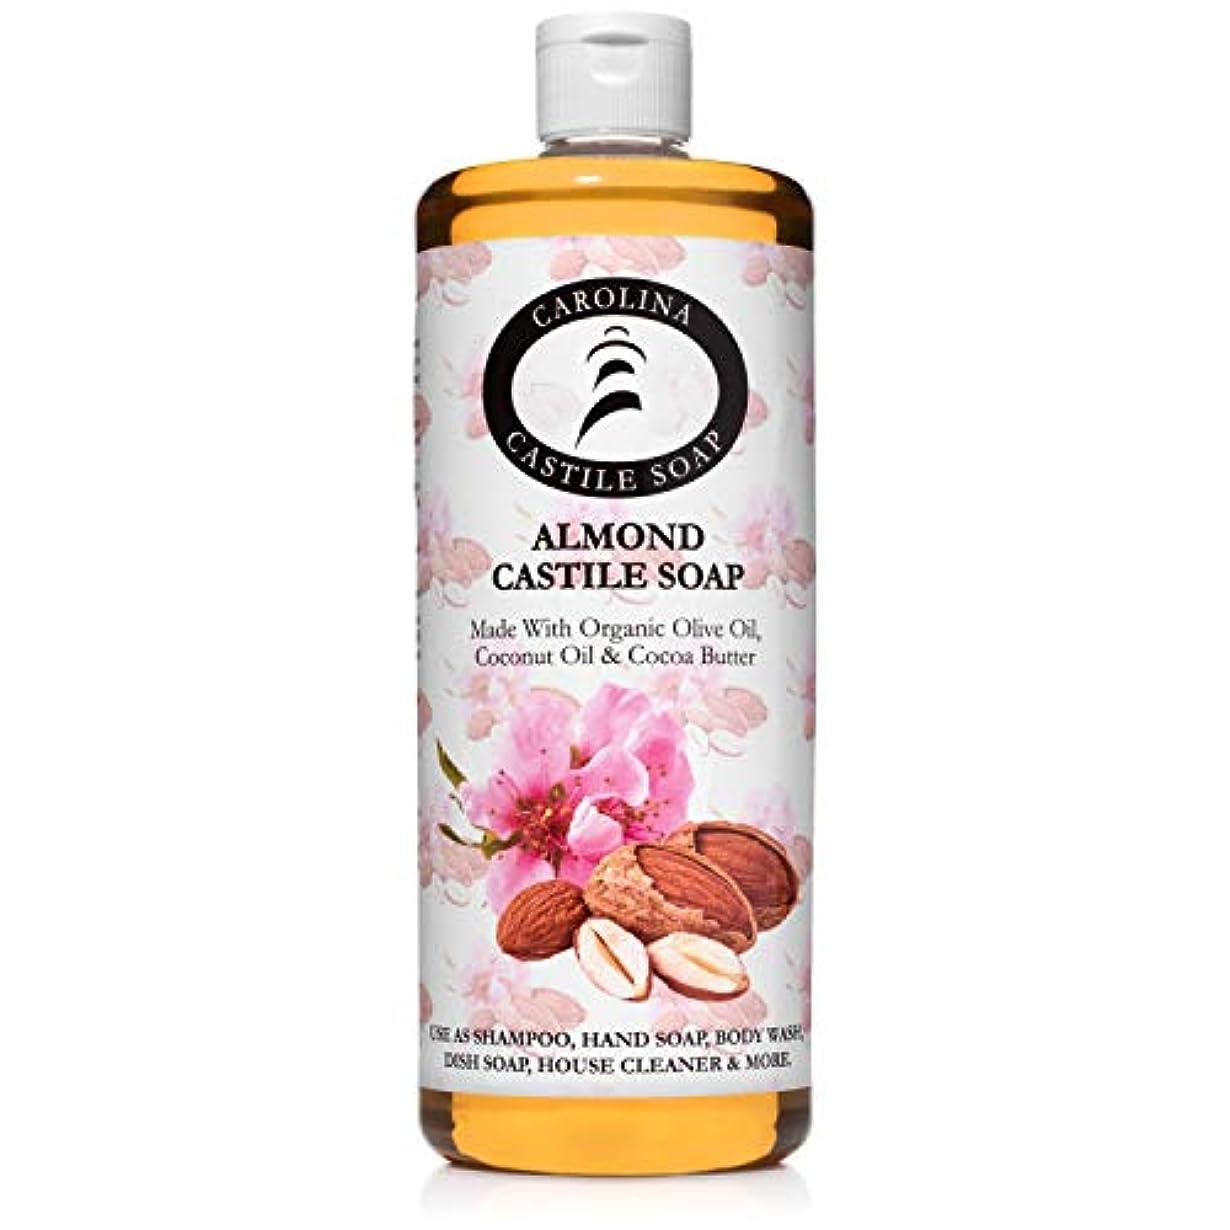 自慢乱闘乱闘Carolina Castile Soap アーモンドオーガニックカカオバター 32オズ